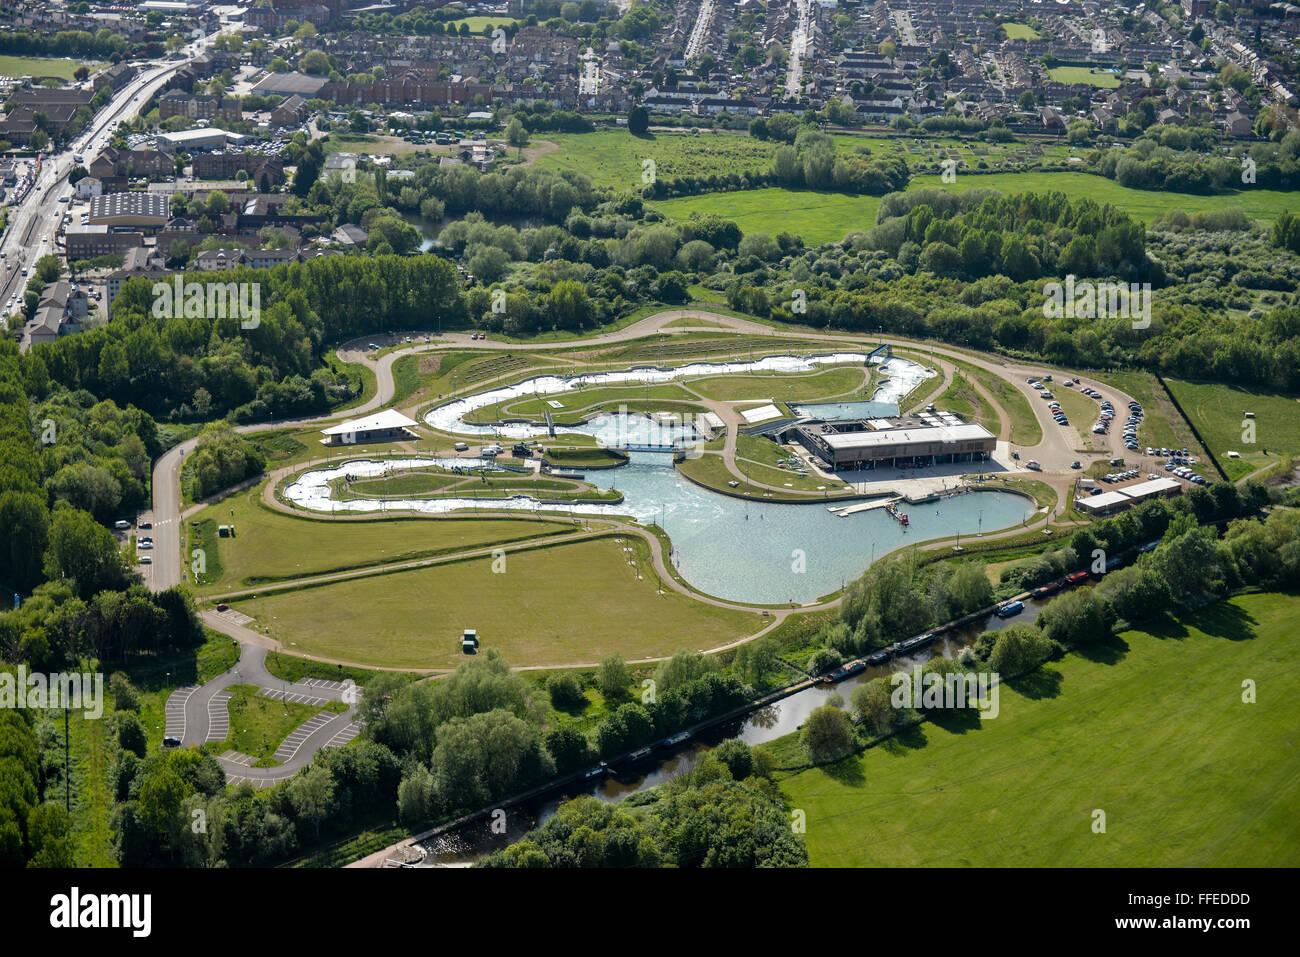 Una vista aérea del valle de Lee White Water Centre, construido para los Juegos Olímpicos de 2012 en Londres Foto de stock